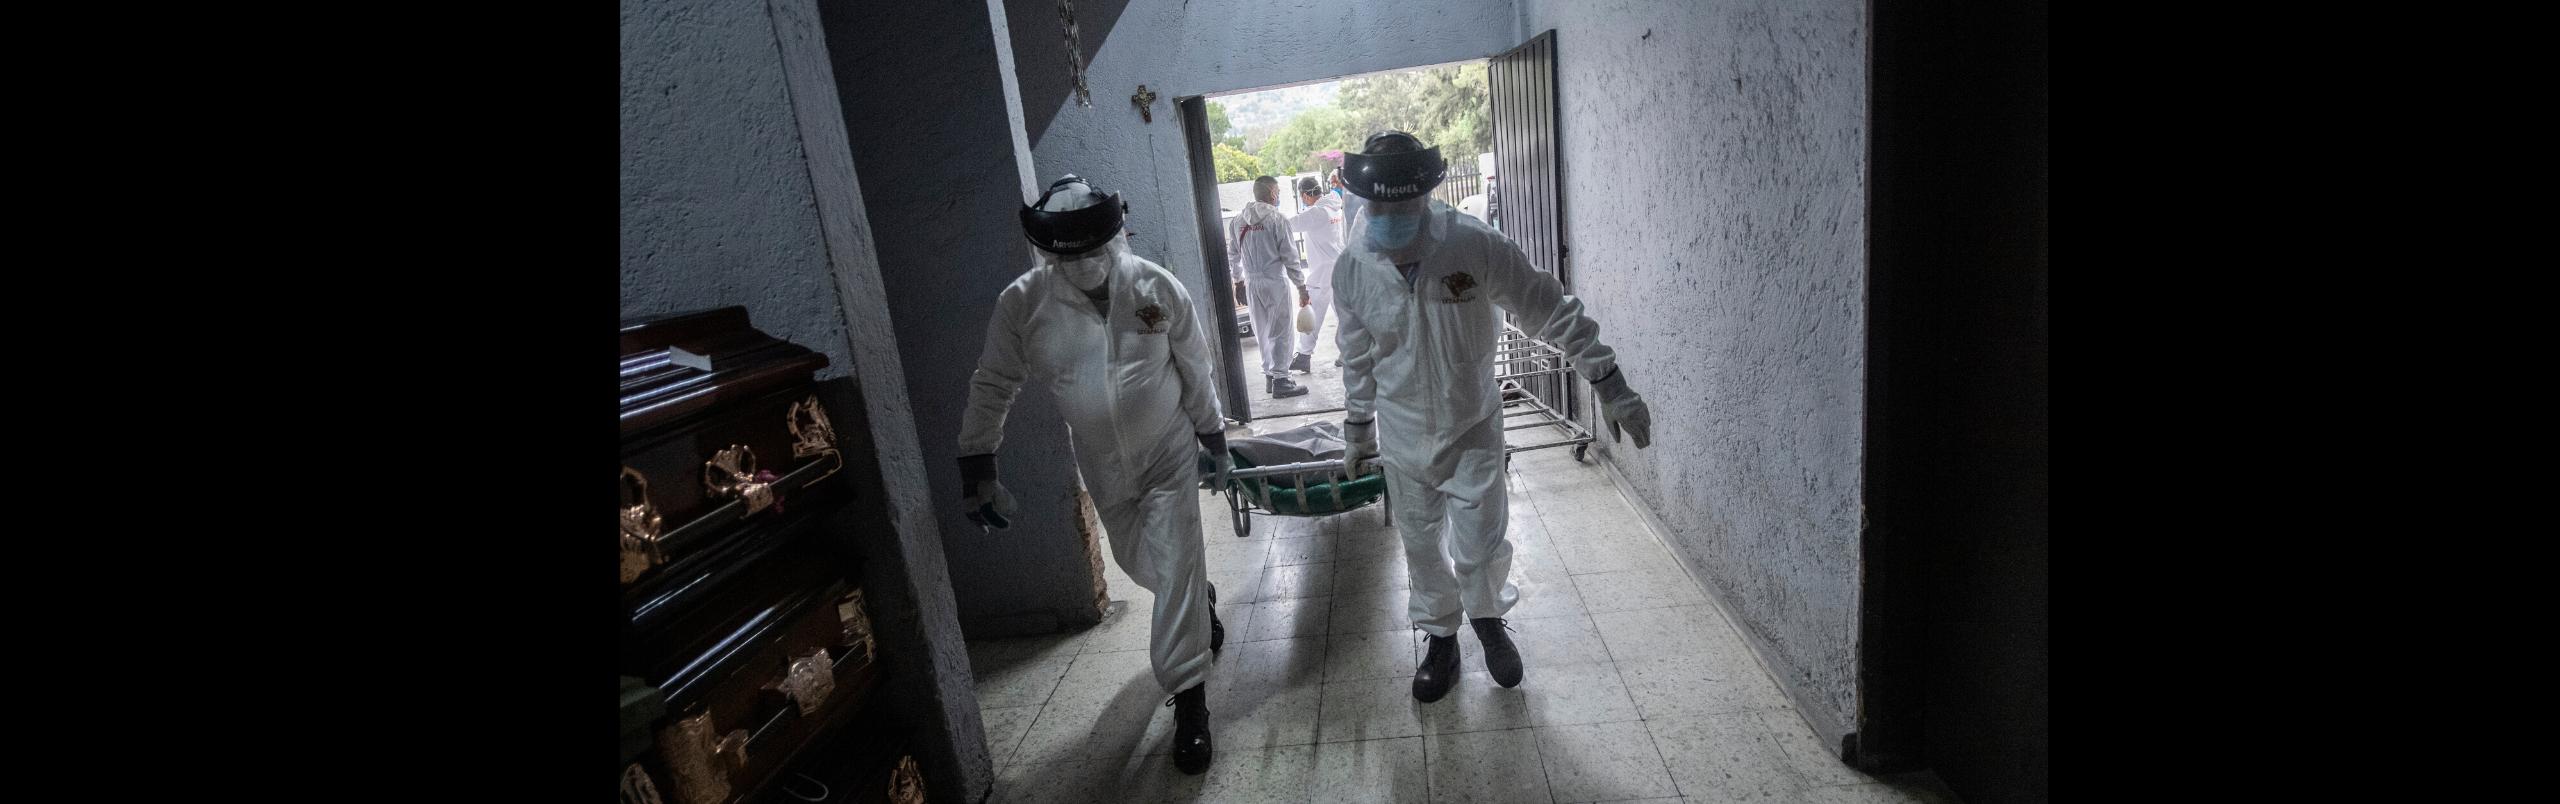 Revela 911 tres veces más muertes extrahospitalarias por Covid-19 en la CDMX